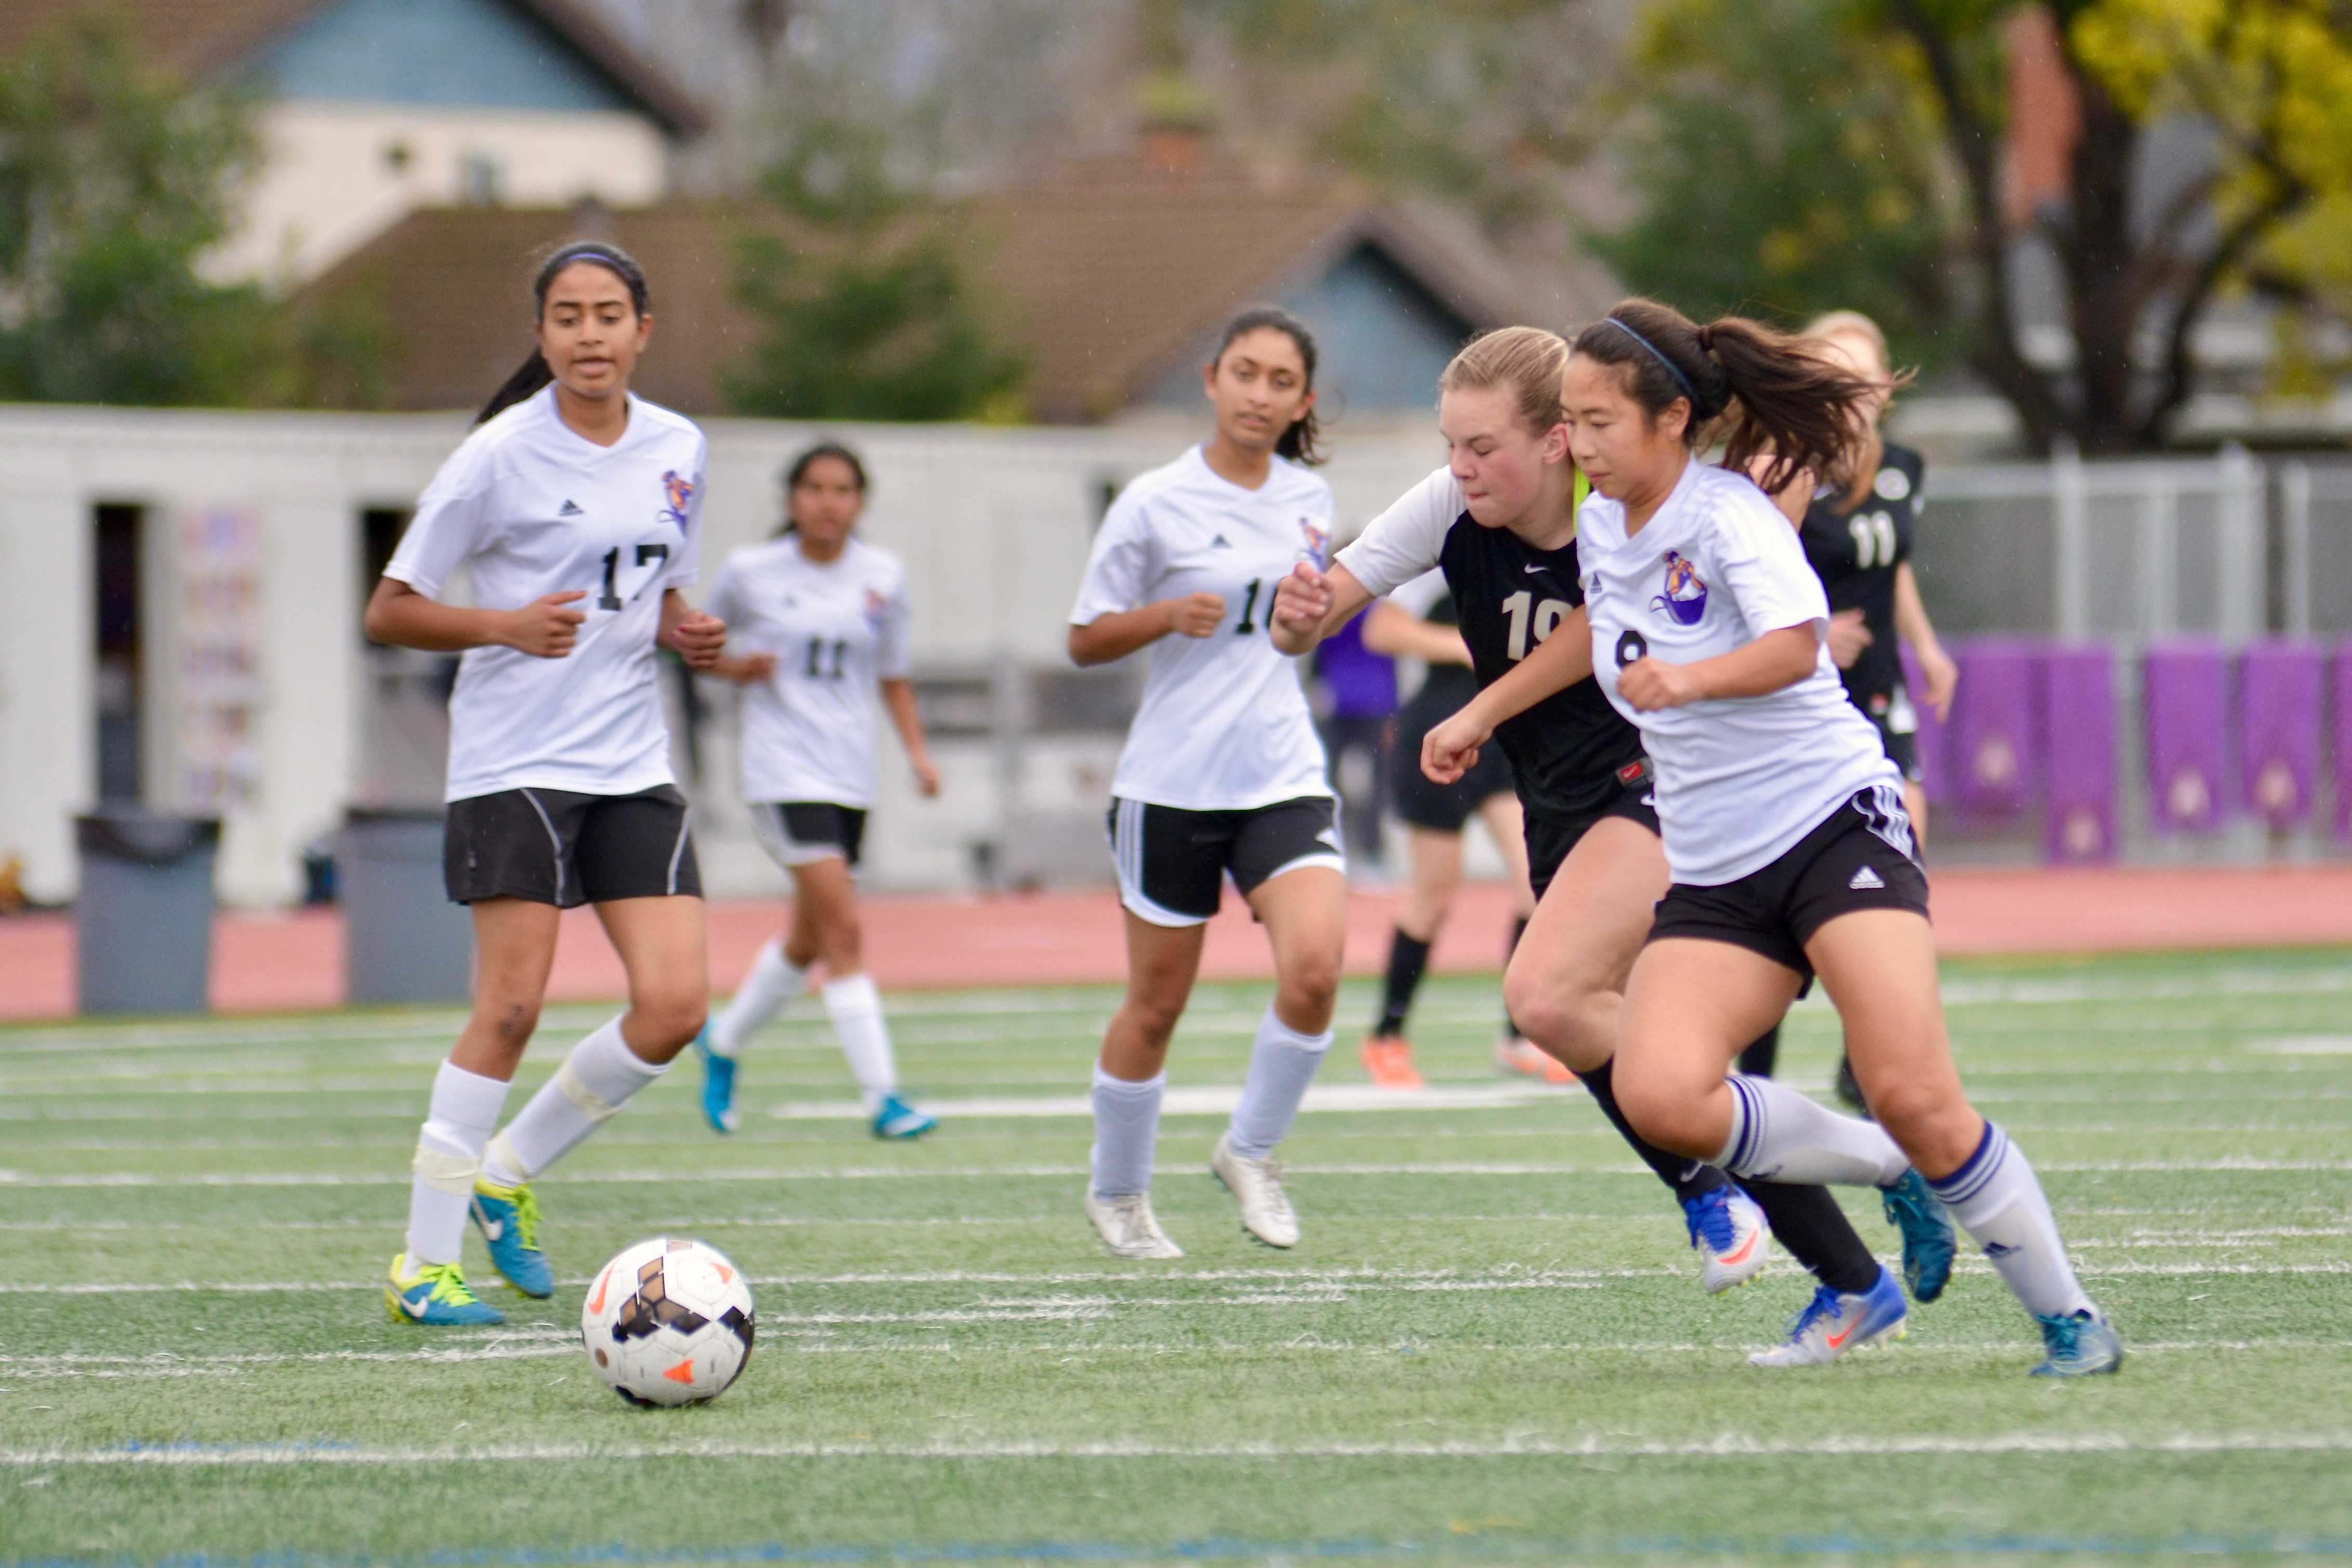 Girls soccer: Team loses against Gunn HS 1-4